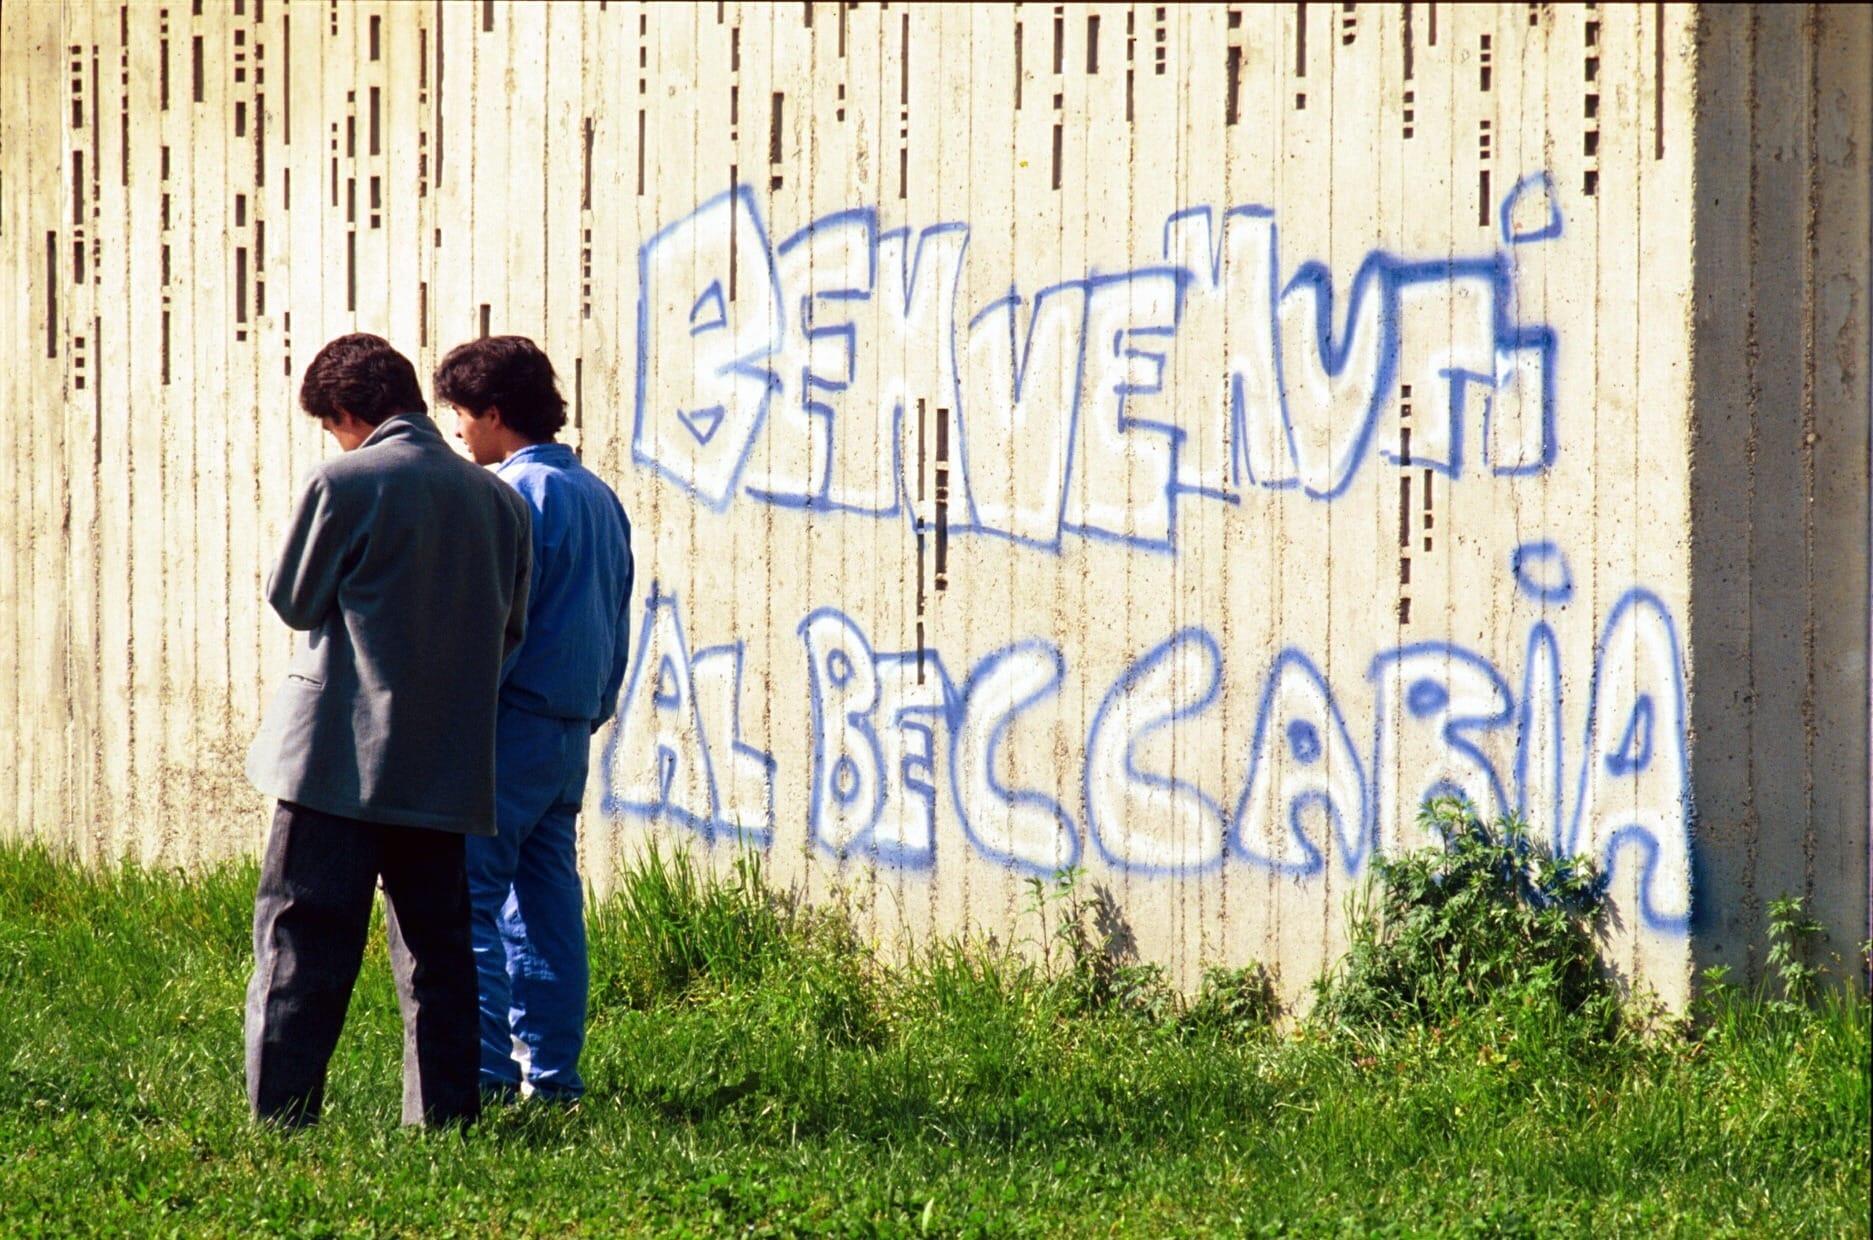 A Milano in soli due anni raddoppiati i reati sessuali tra i più giovani: 4 ogni settimana